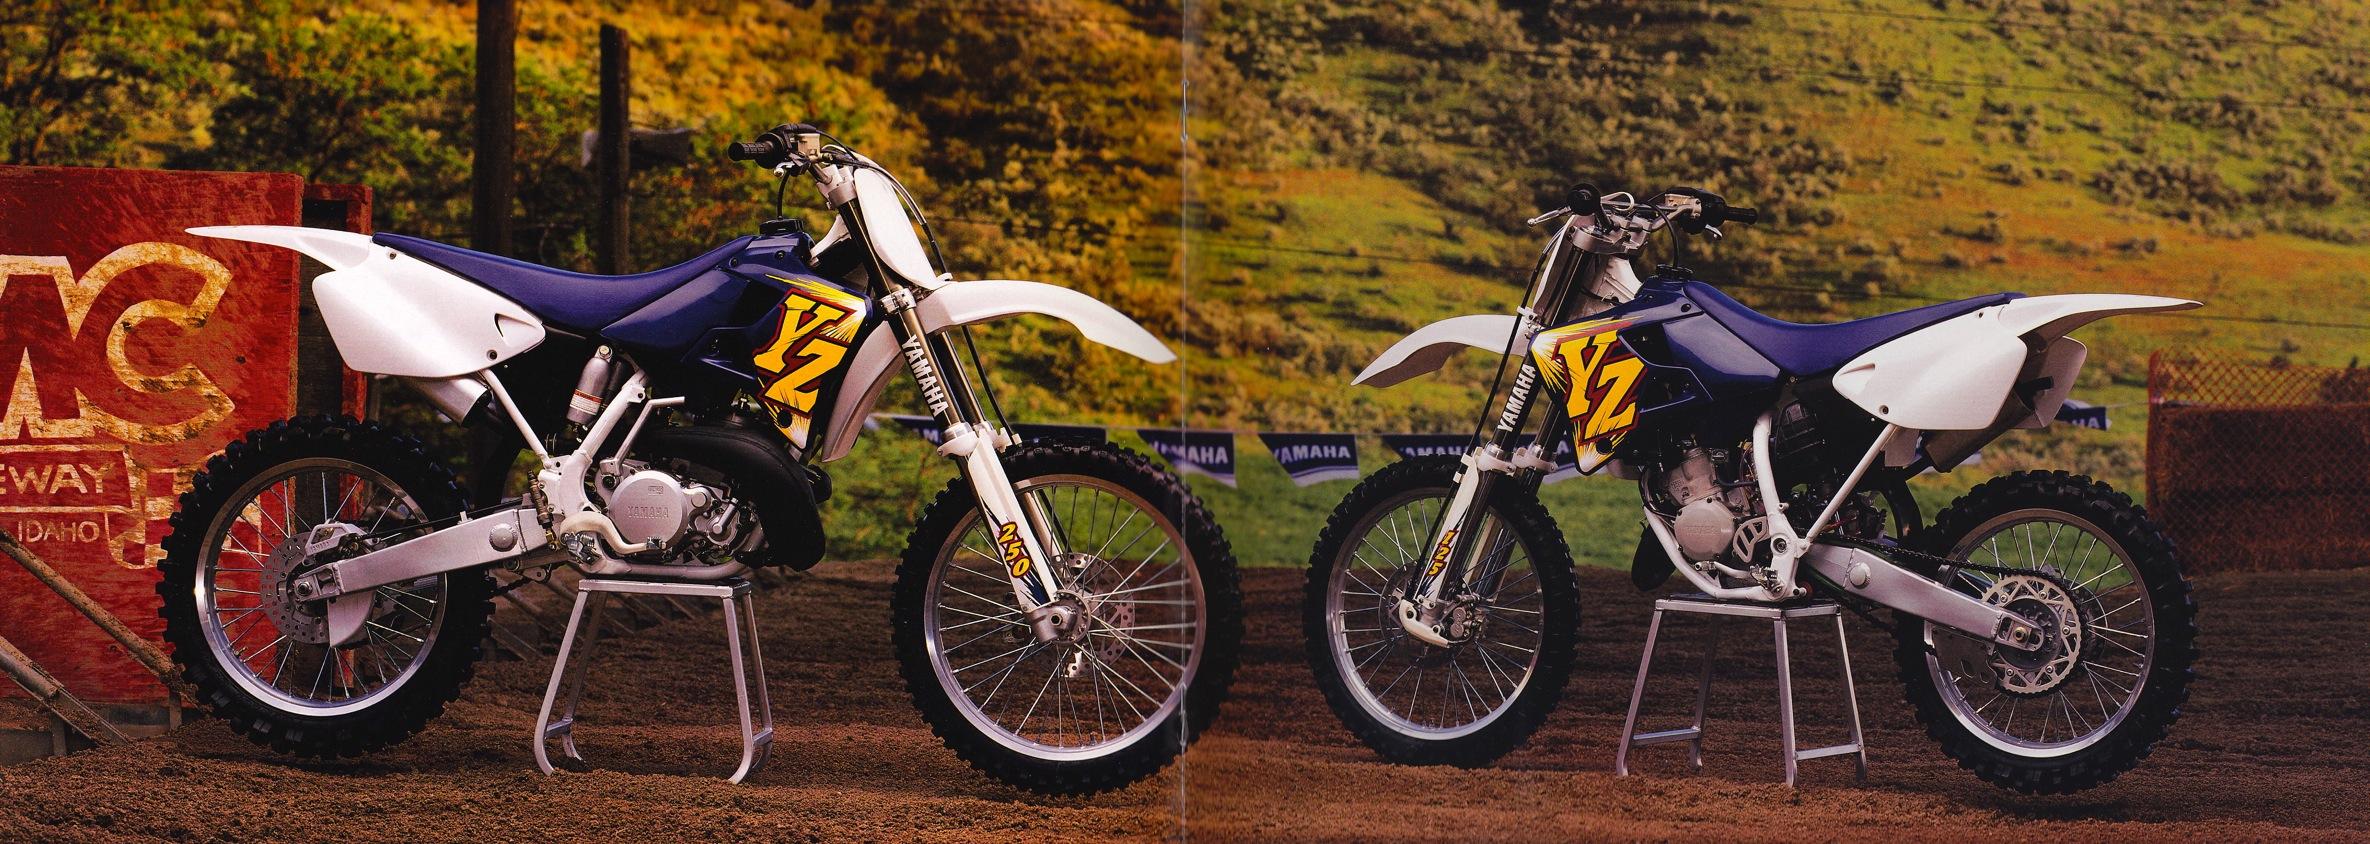 Yamaha yz 125 1973 for 1973 yamaha yz80